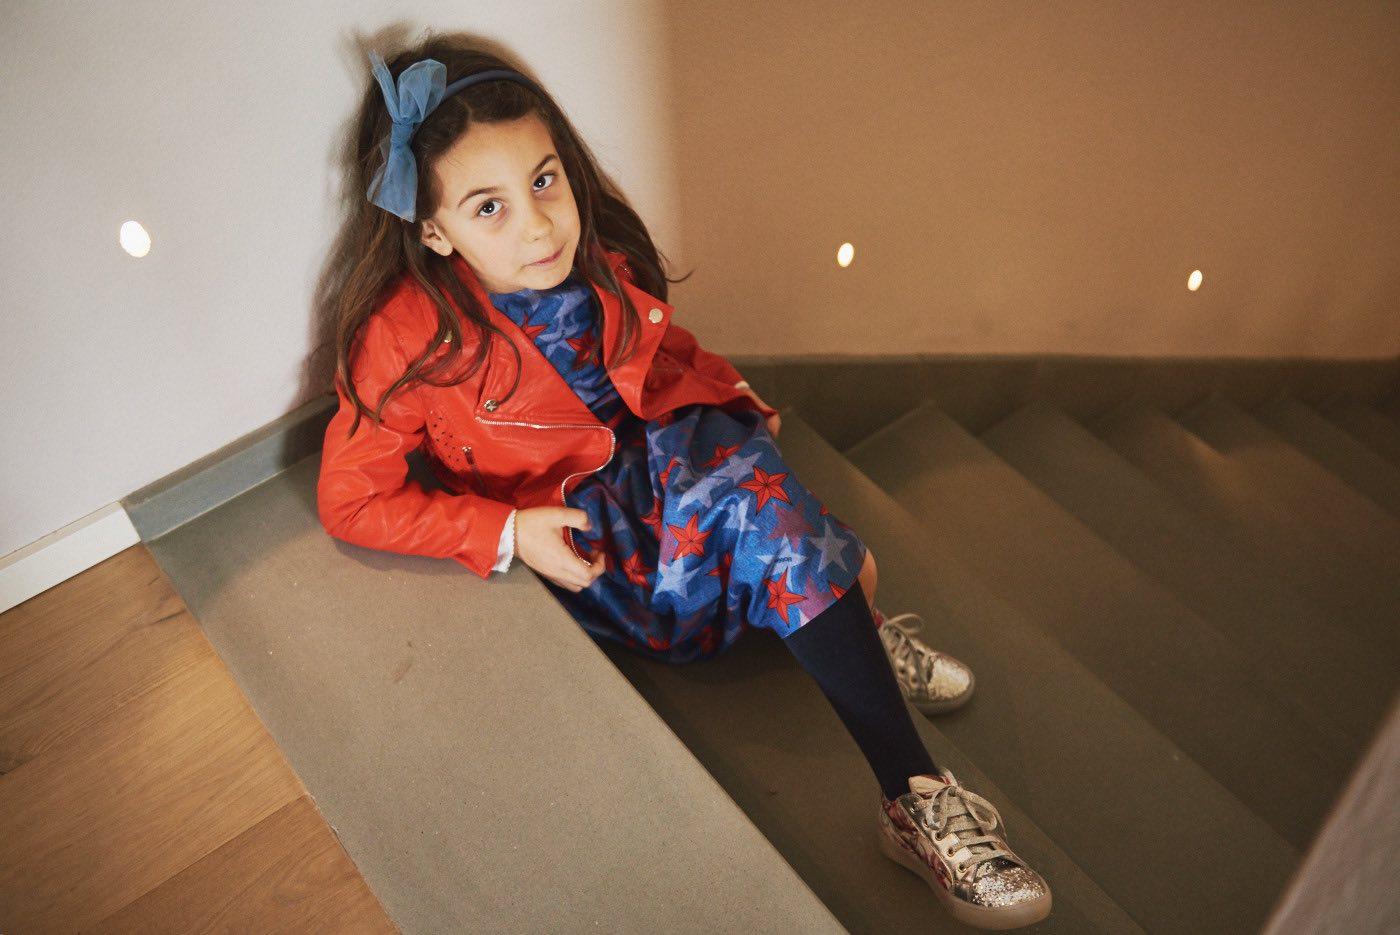 la moda bambina per la primavera e come vestire i bambini